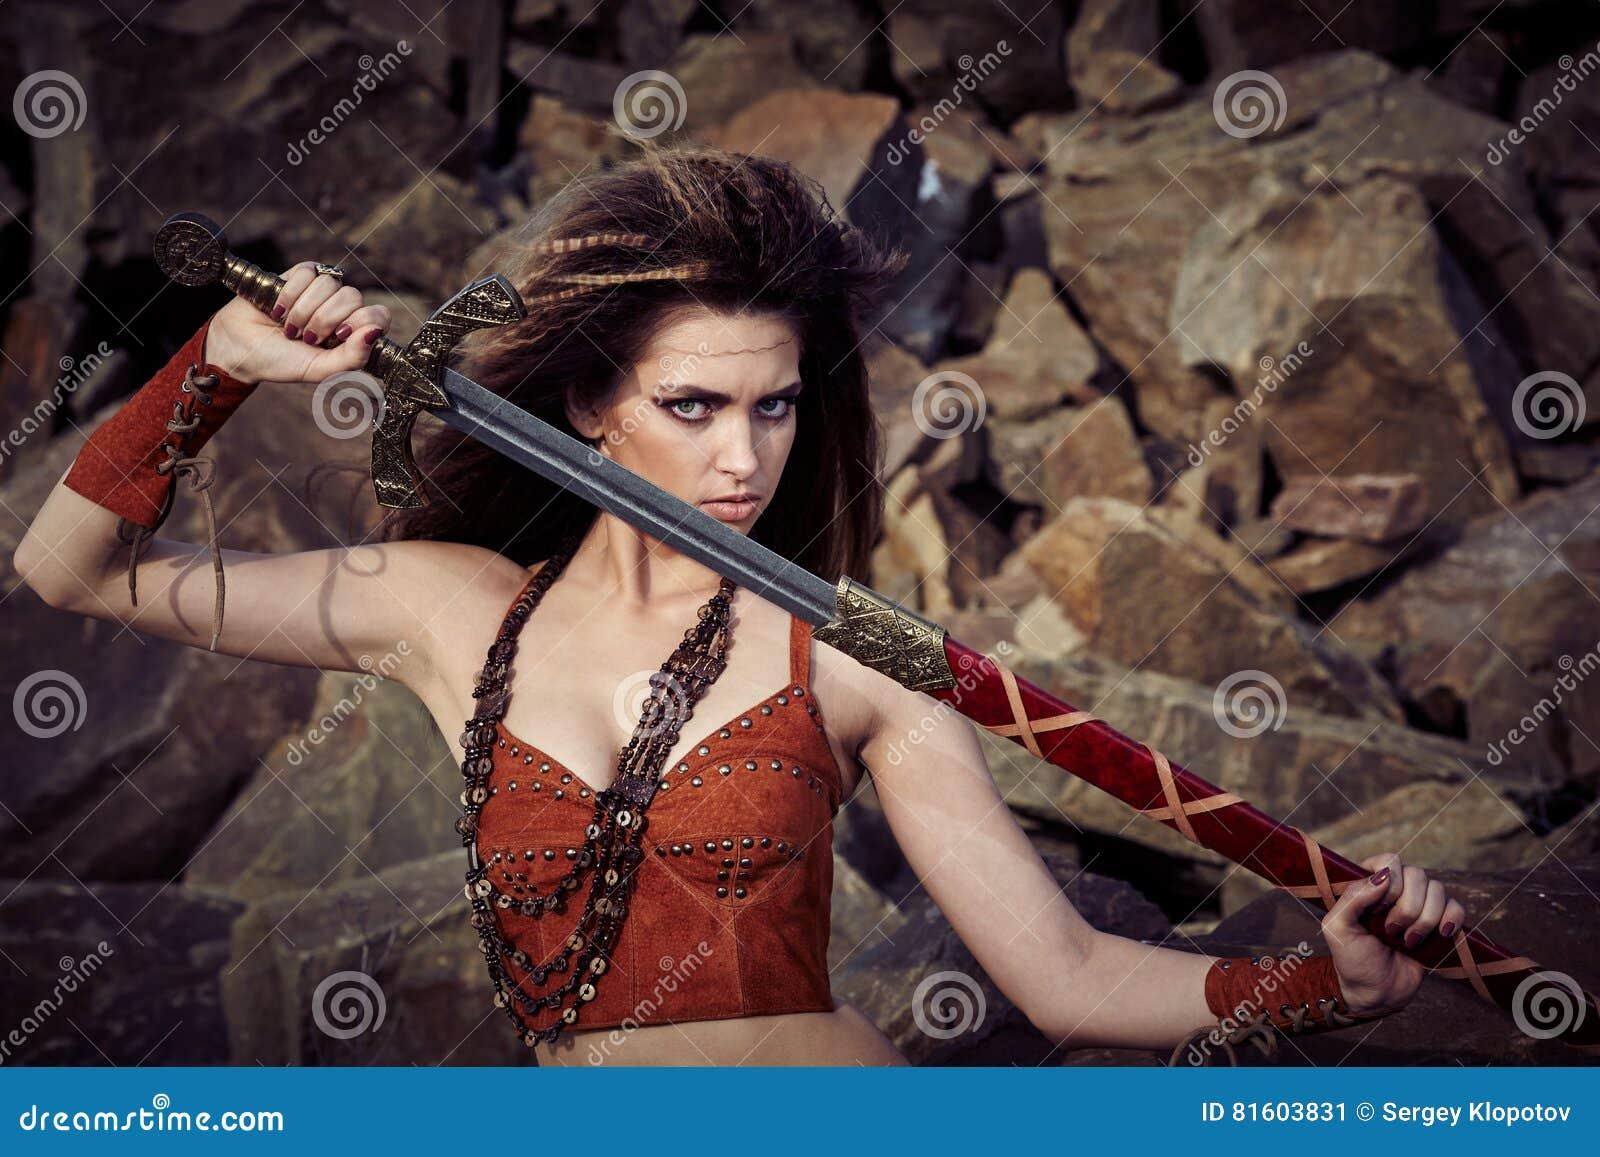 Амазонки и викинги, девчонки побритые пизденки